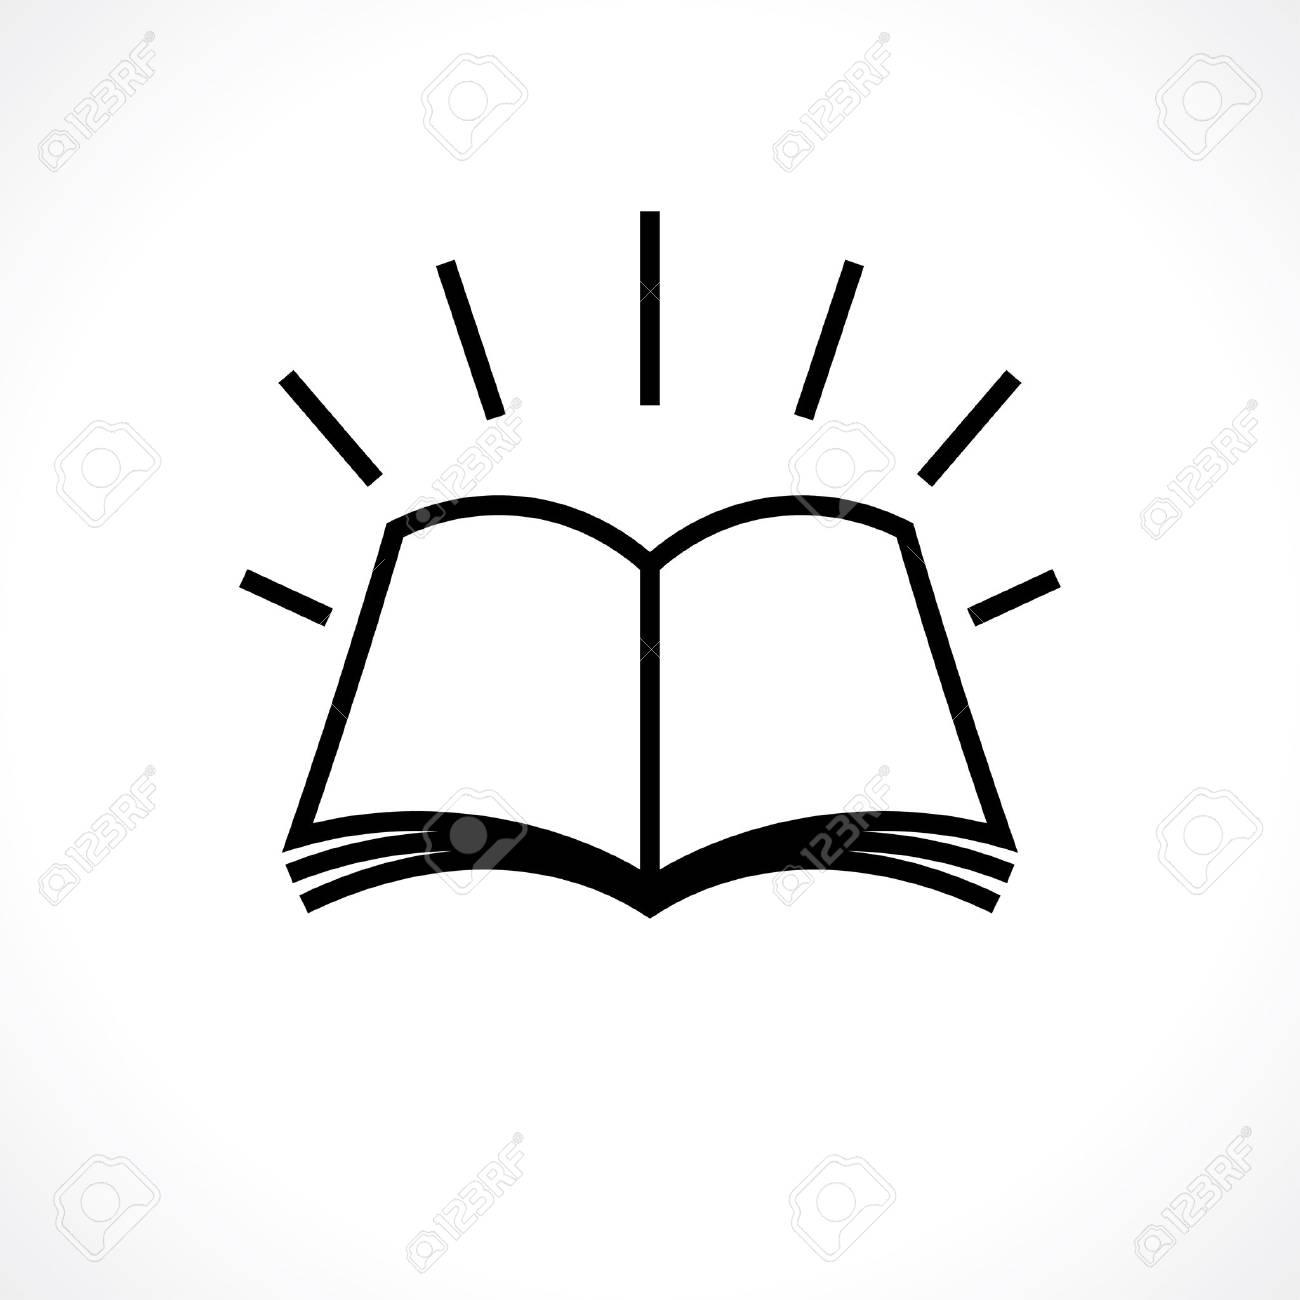 Libro Abierto Conocimiento Símbolo. Diseño De Logotipo De La ...